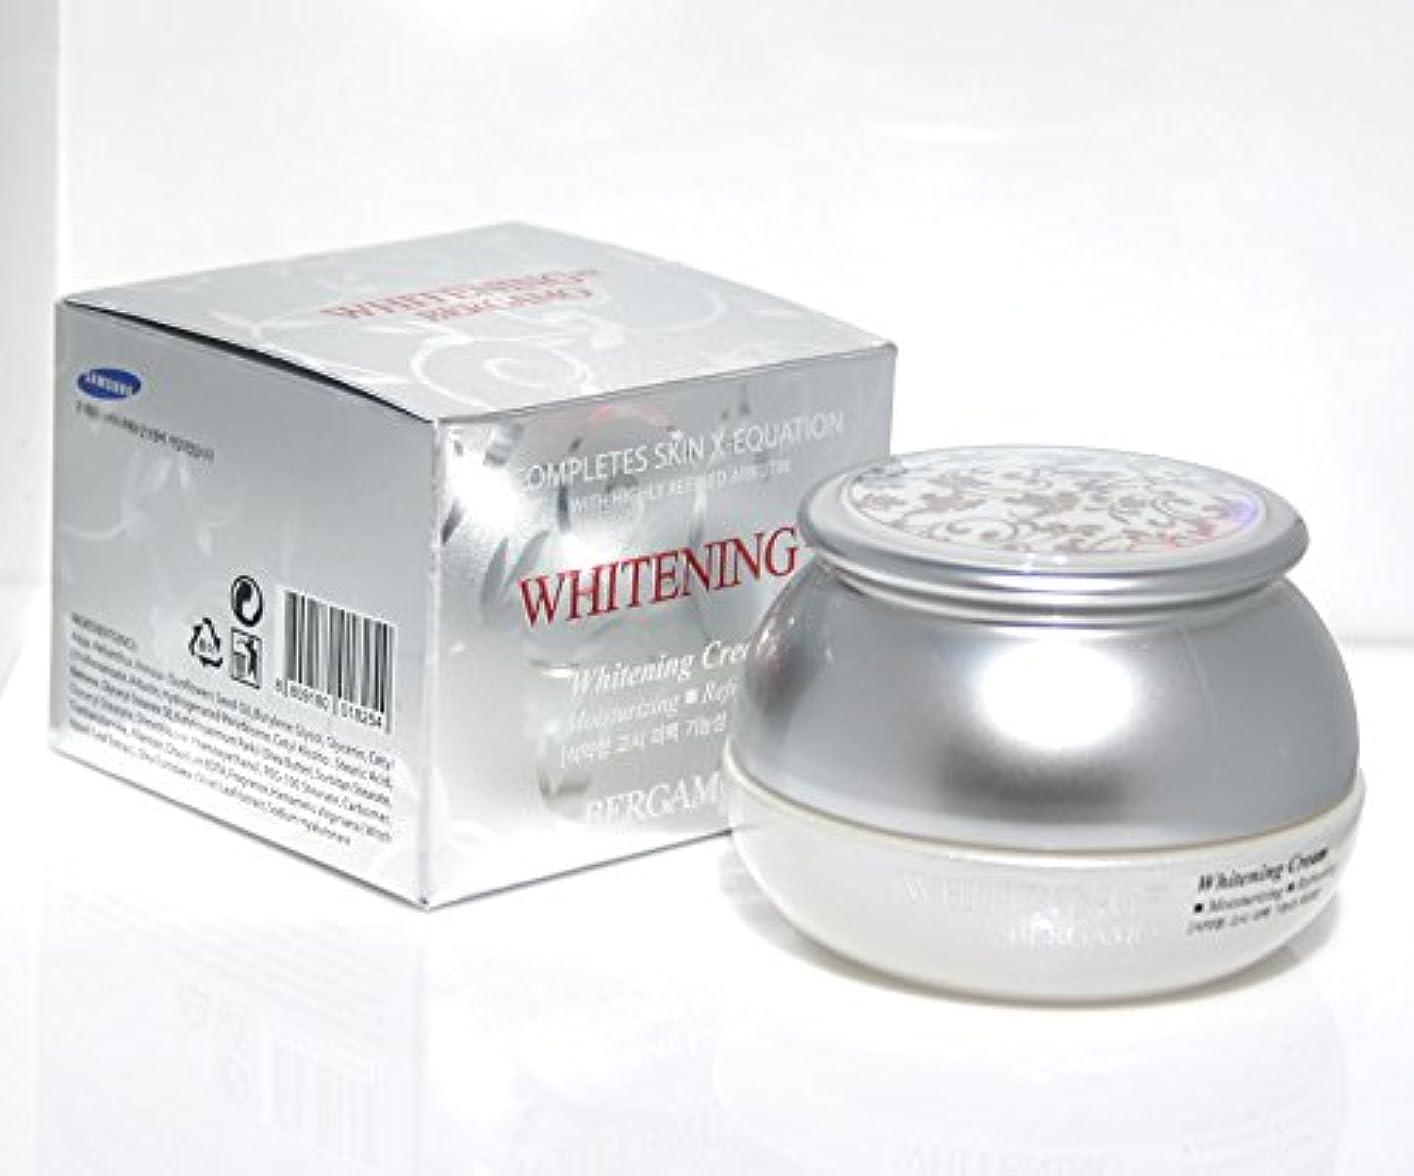 人柄愛されし者特権【ベルガモ][Bergamo]  は、高度に精製アルブチンホワイトニング例クリーム50g /  Completes Skin X-equation with Highly Refined Albutin Whitening...